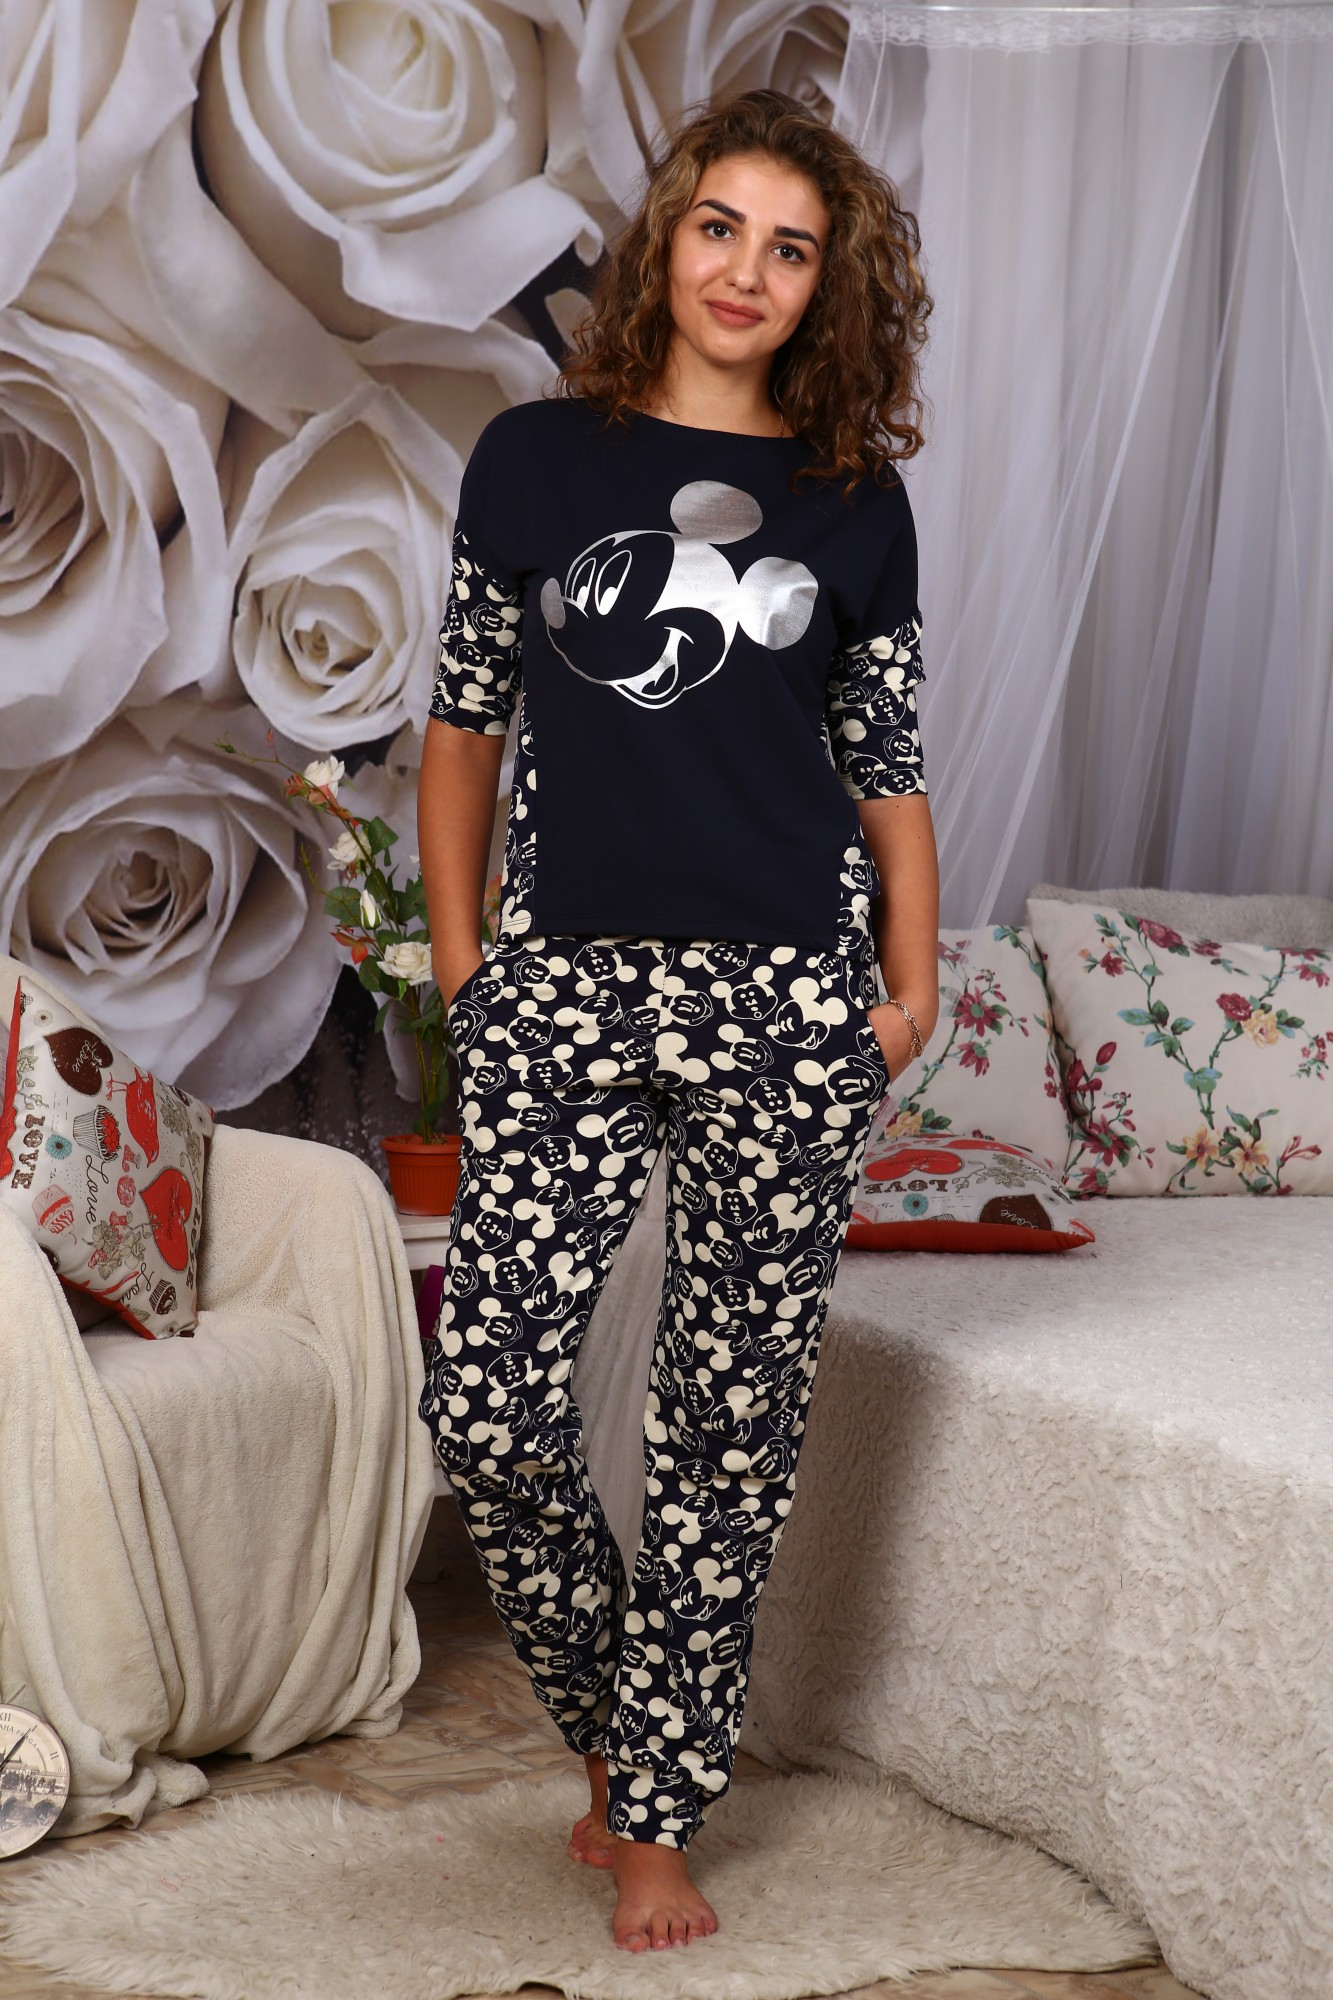 Одежда для дома! Модный и яркий трикотаж от Ninel.